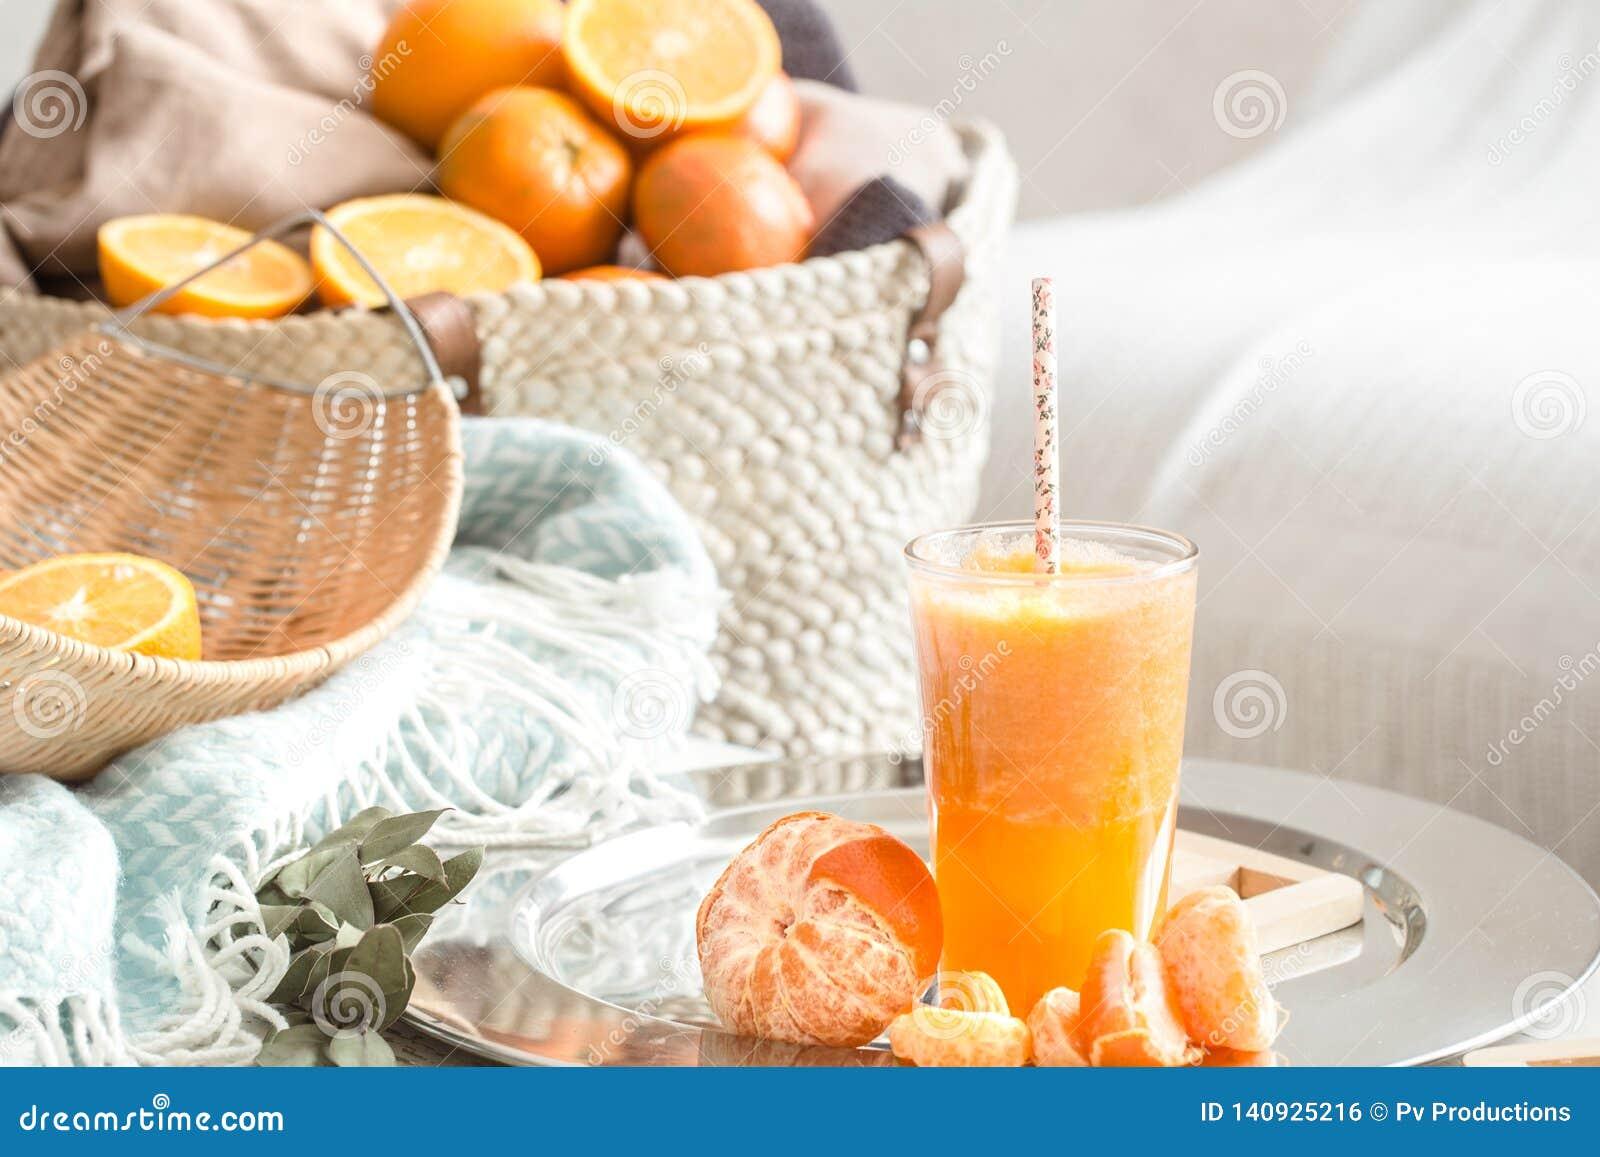 Πρόσφατα-αυξημένος οργανικός φρέσκος χυμός από πορτοκάλι στο εσωτερικό του σπιτιού, με ένα τυρκουάζ κάλυμμα και ένα καλάθι των φρ